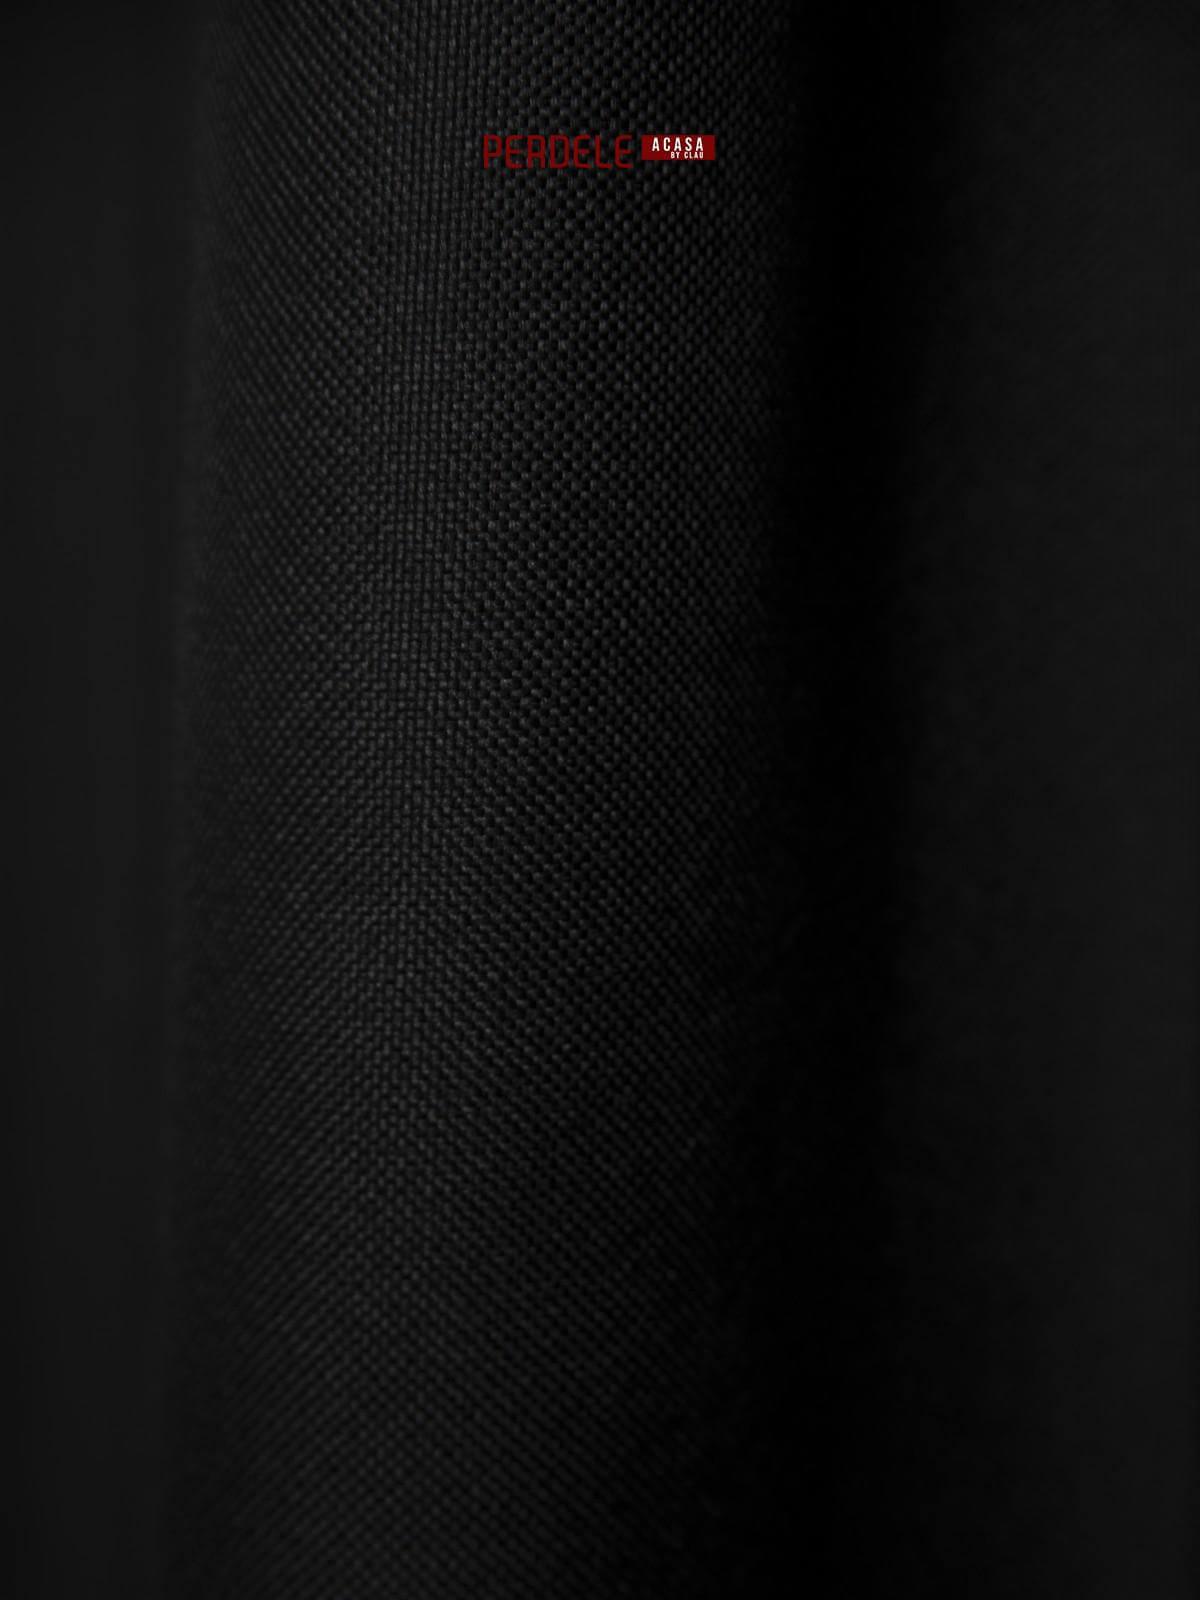 Draperie blackout rustic negru